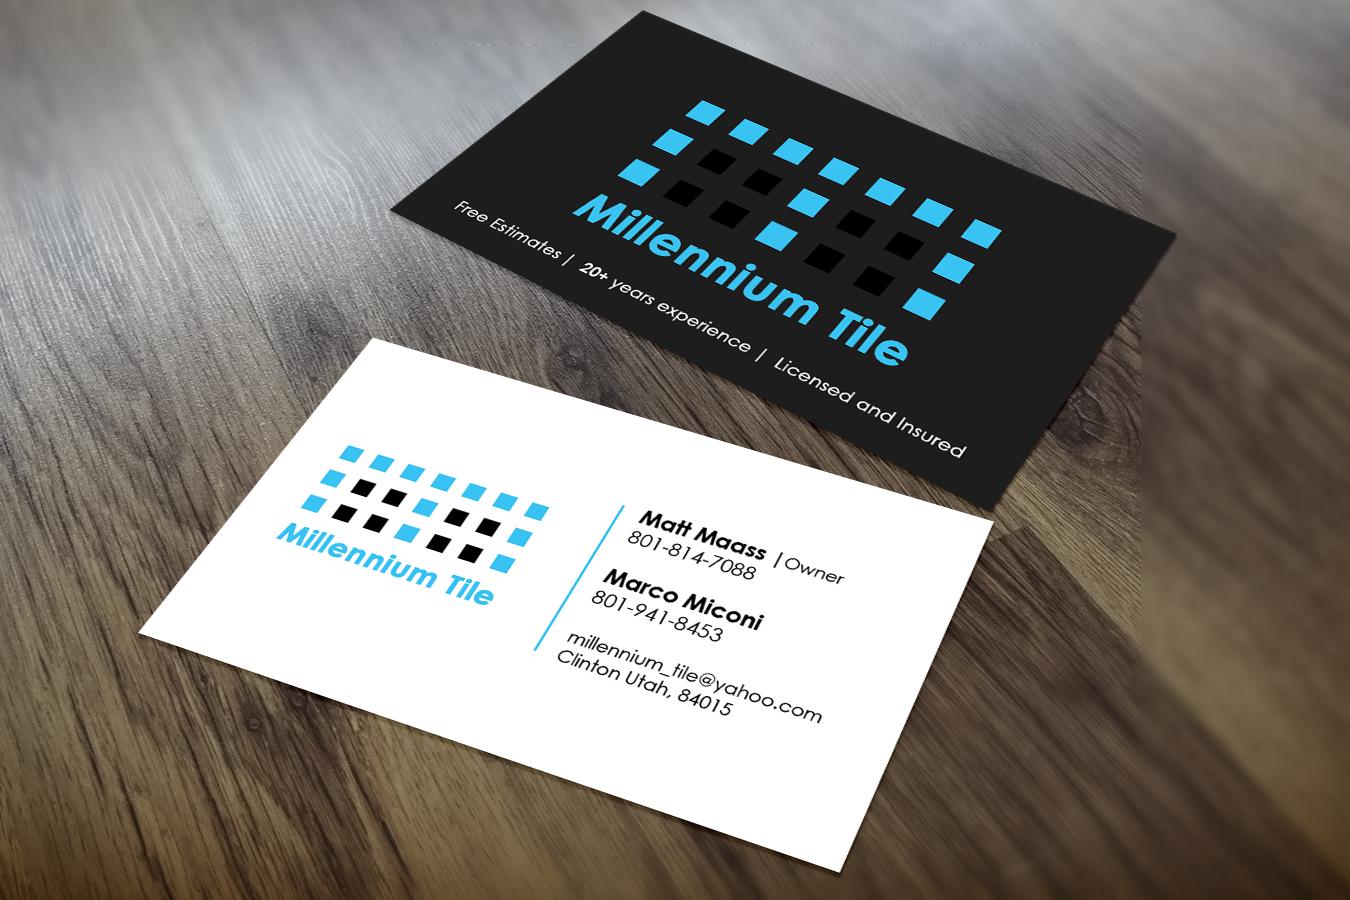 Elegant playful business card design for millennium tile for Tiler business card